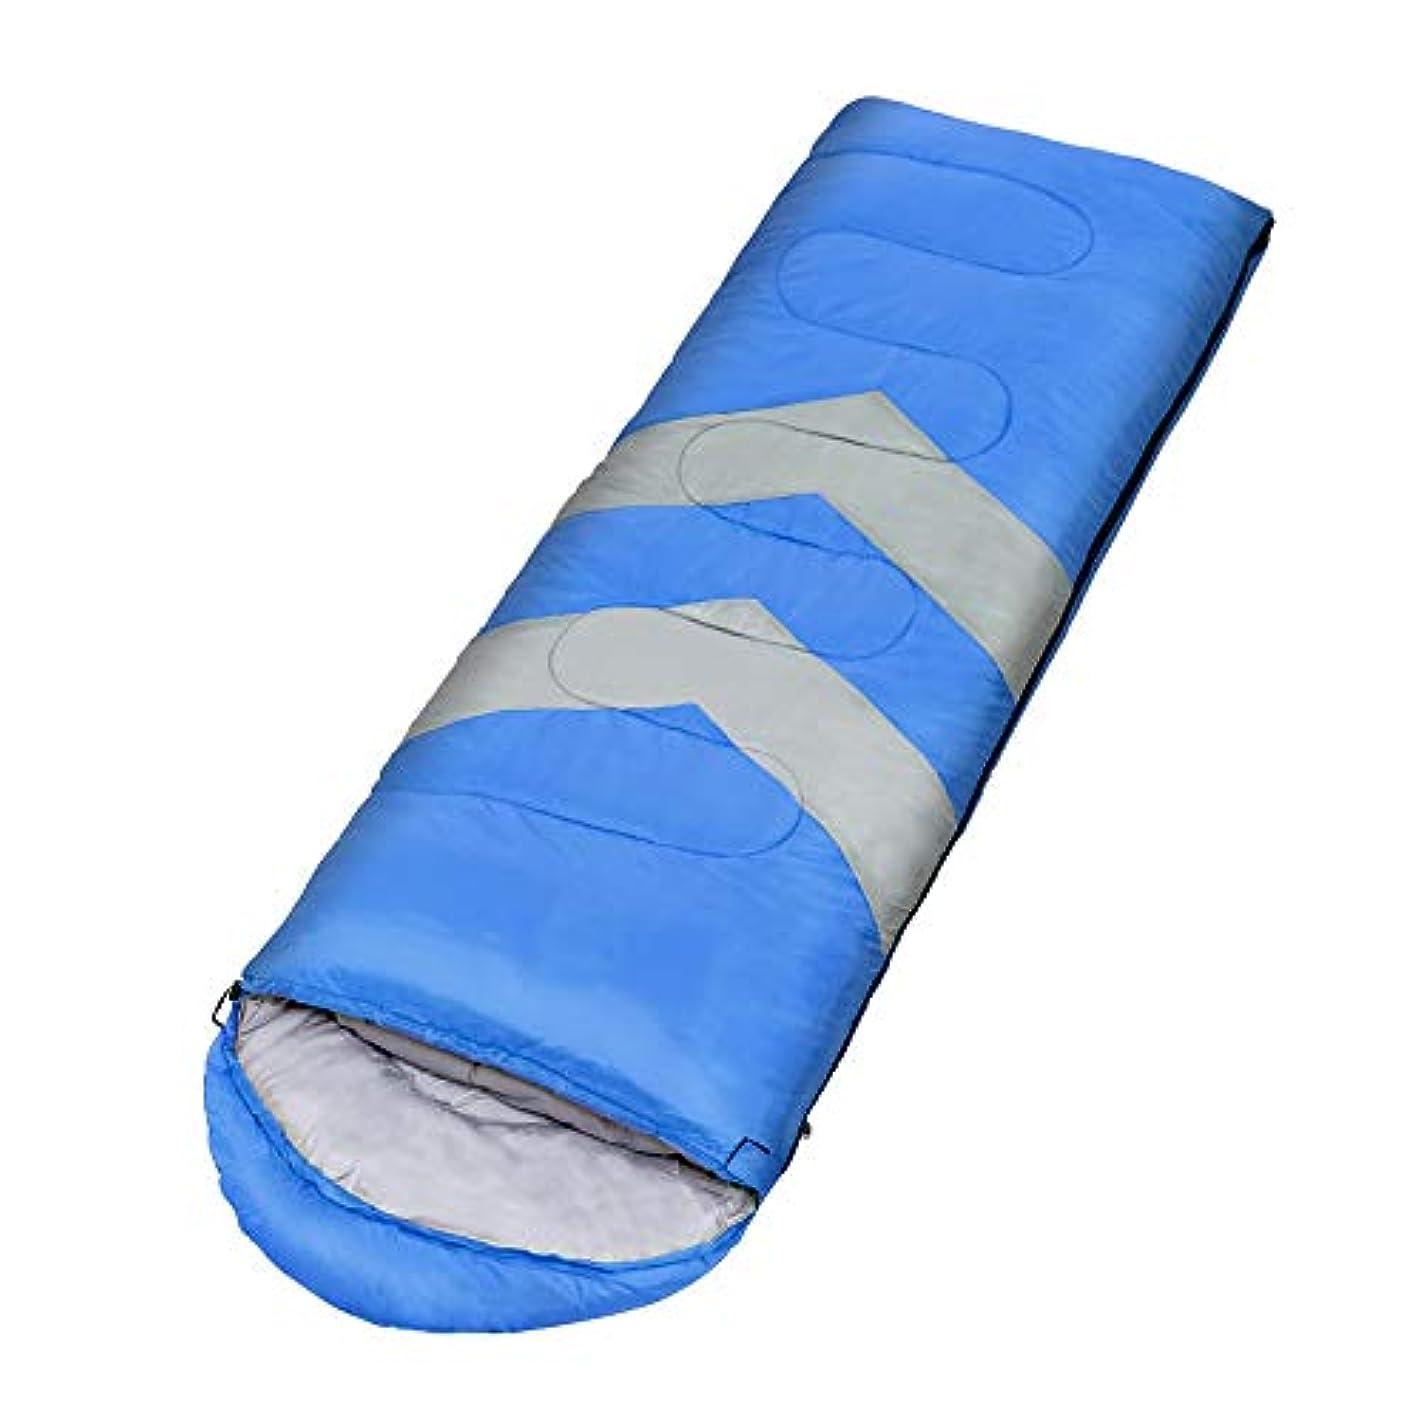 受賞便利さ会社大人の屋外の屋内春と夏の薄いセクション超軽量ポータブル四季シングルキャンプミニ寝袋